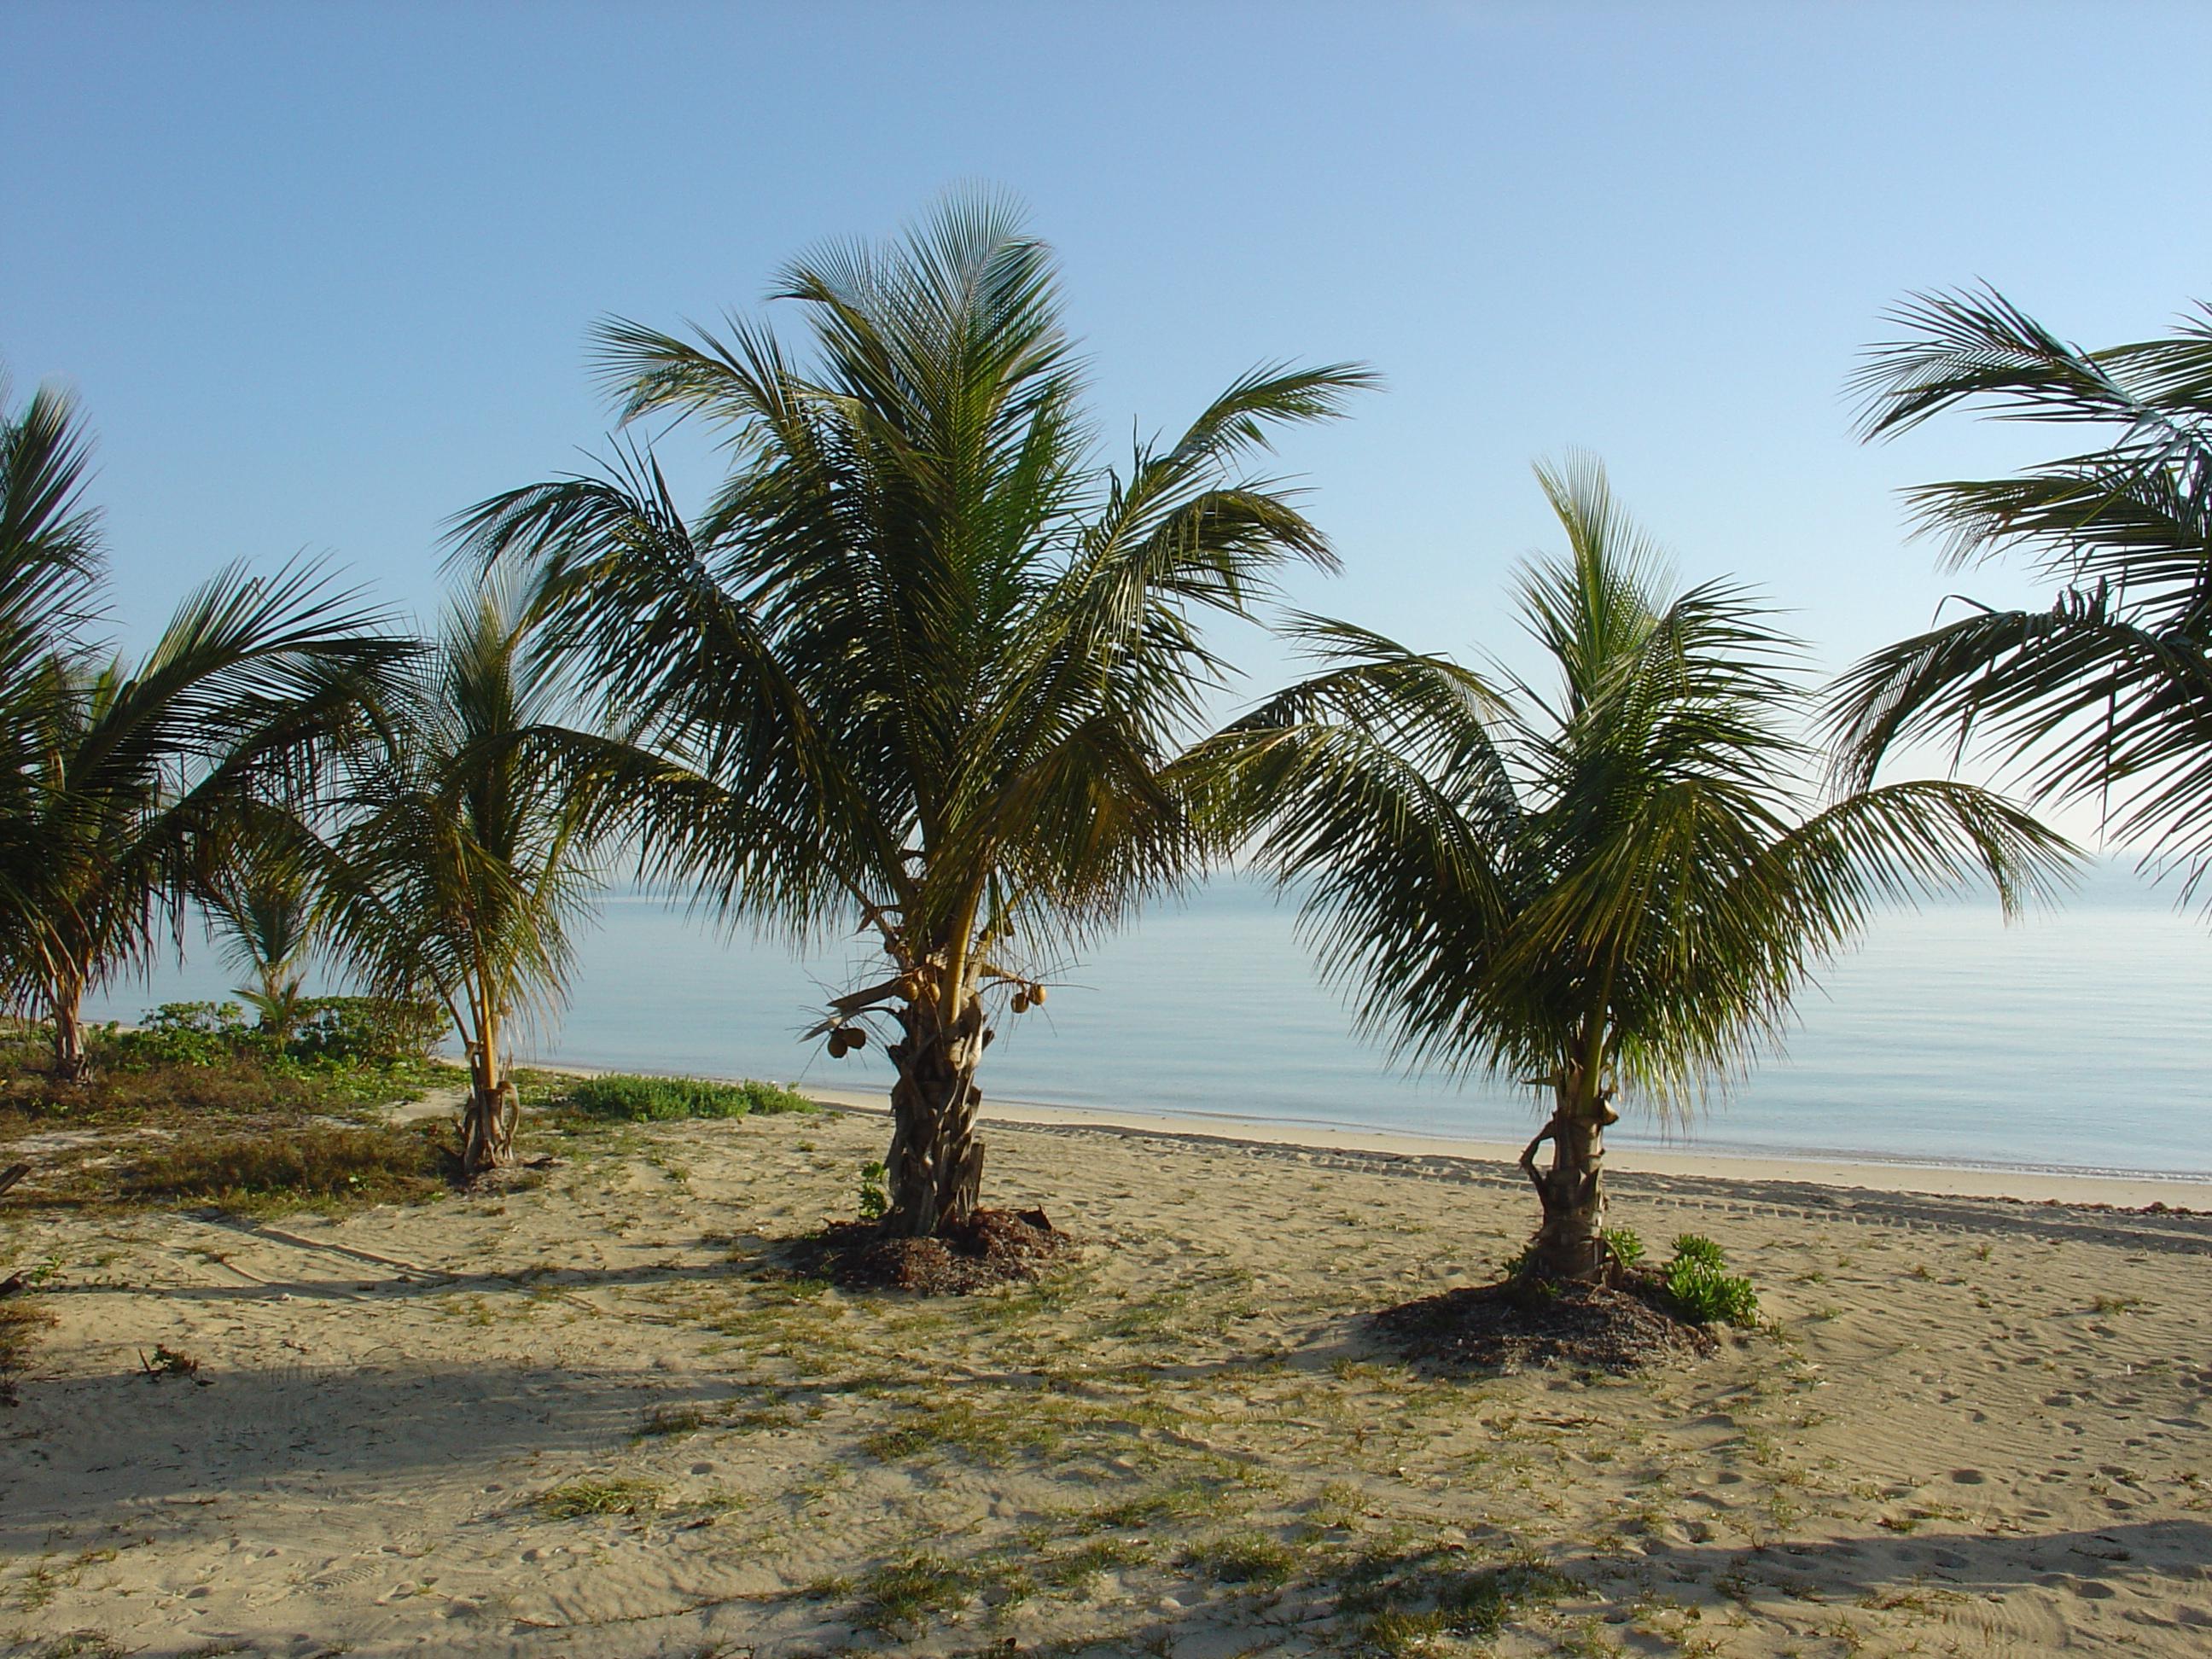 Private Island Villa View, Bahamas